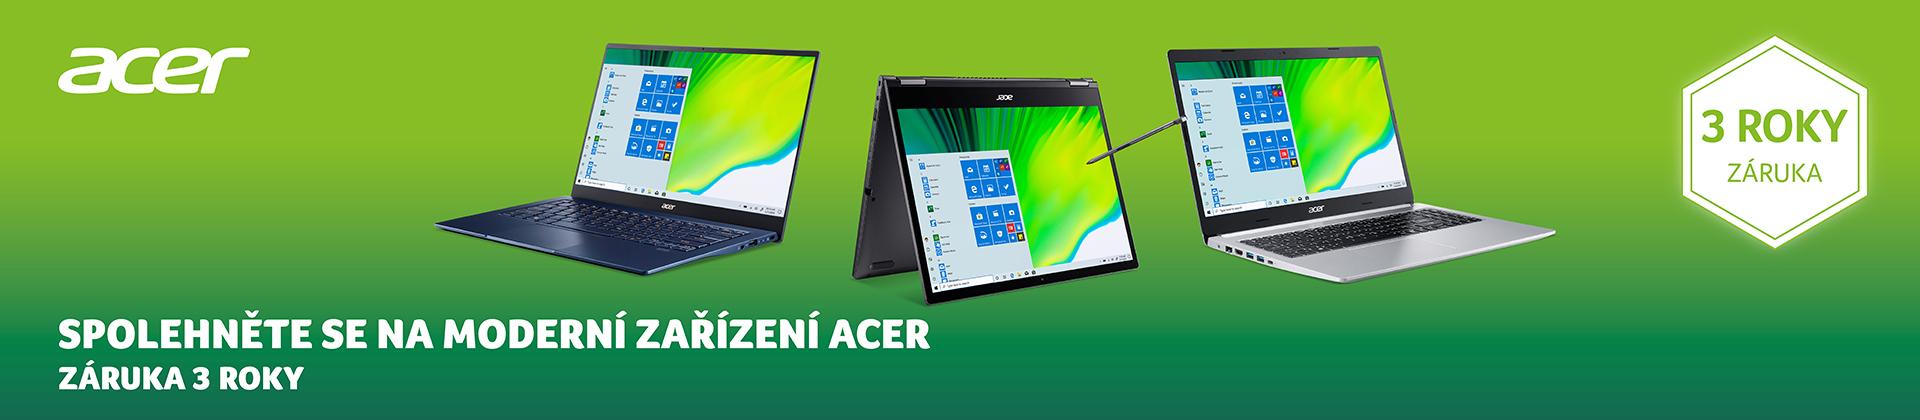 Záruka 3 roky - spolehněte se na moderní zařízení ACER